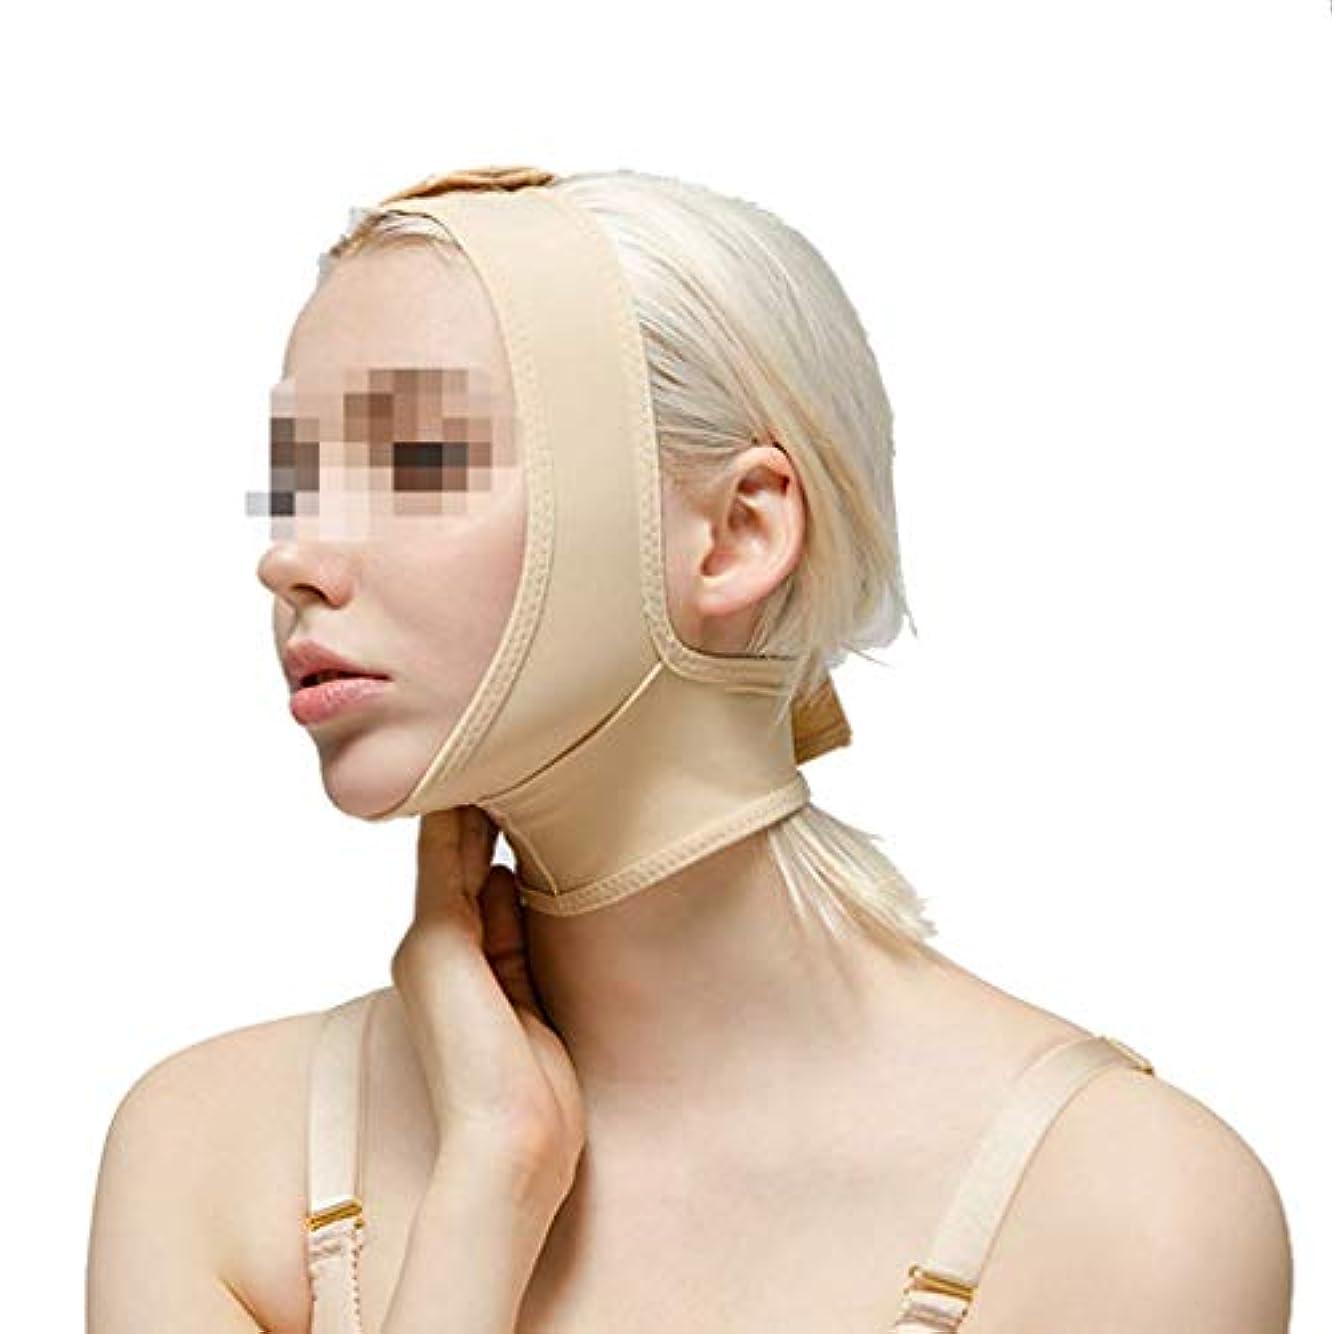 酸化する制裁適度な術後伸縮性スリーブ、下顎束フェイスバンデージフェイシャルビームダブルチンシンフェイスマスクマルチサイズオプション(サイズ:L),M